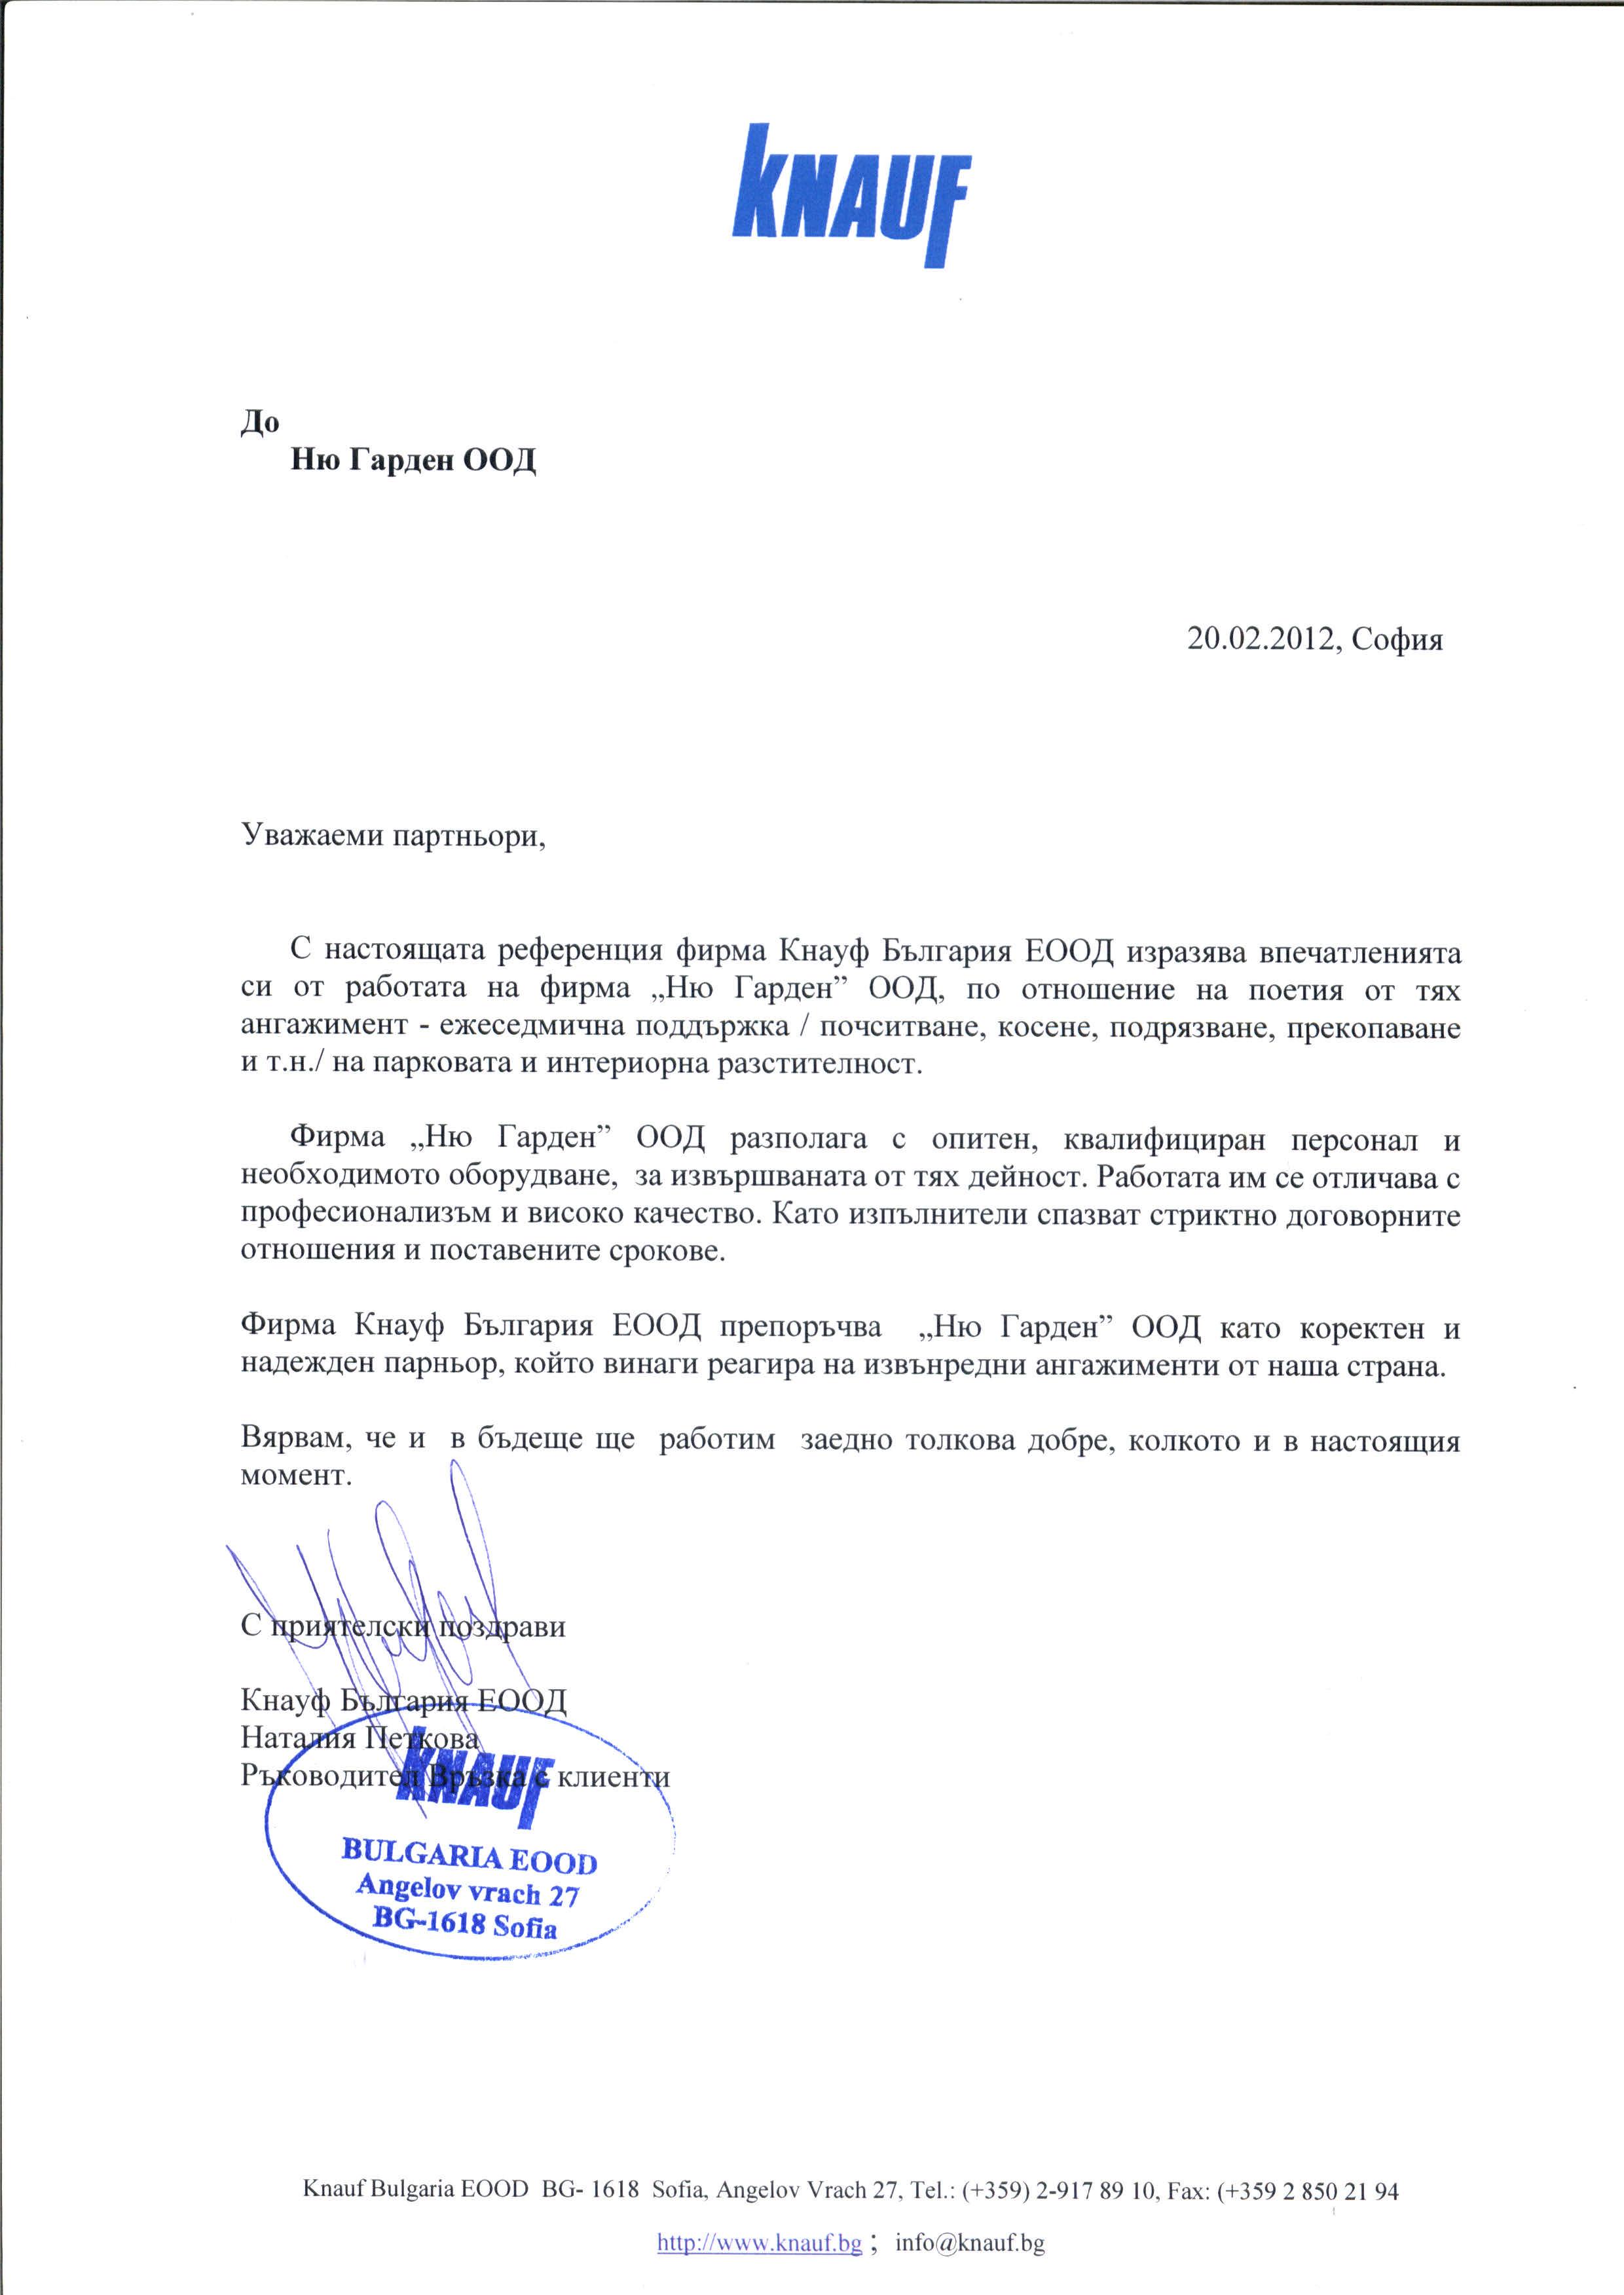 Референция за озеленяване от Кнауф България ЕООД